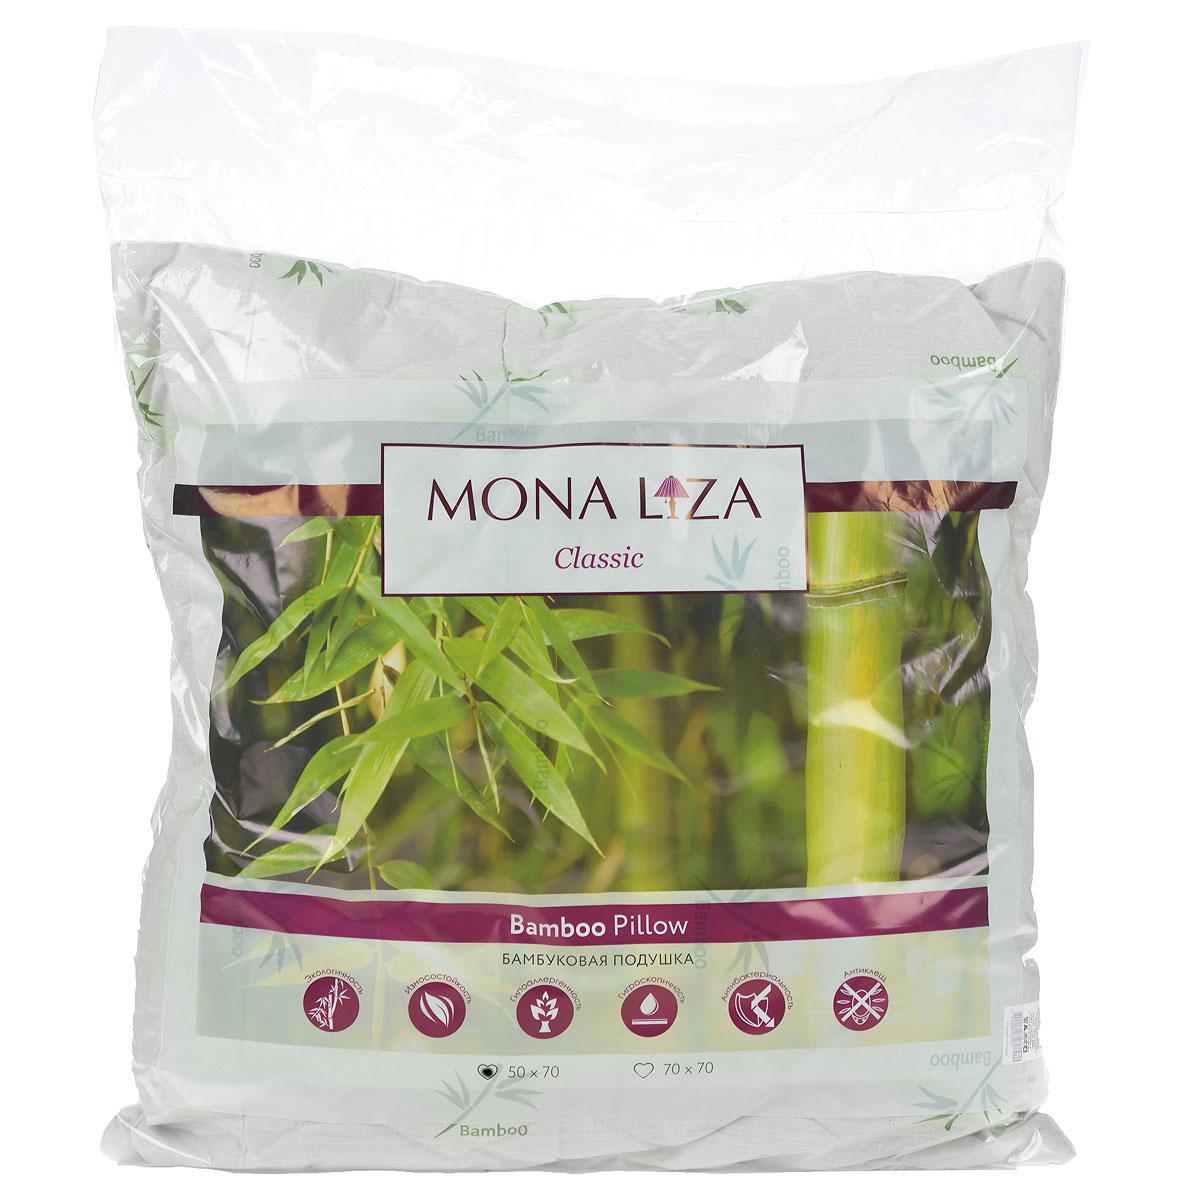 Подушка Mona Liza, цвет: белый, 50 х 70 см. 5394146113MПодушка Mona Liza подарит вам незабываемое чувство комфорта и умиротворения. Чехол выполнен из поликоттона, украшен изображением стеблей бамбука, фигурной стежкой и кантом по краю. В качестве наполнителя используется бамбуковое волокно, которое обладает удивительным балансом различных свойств и удовлетворяет требования даже самого изысканного покупателя. Такой наполнитель сохраняет ценные свойства растения и одновременно обеспечивает легкость изделия, мягкость и долговечность. Высокосиликонизированное волокно Royalton придает изделию упругость, быстро восстанавливает форму после смятия, имеет высокую стойкость к ее сохранению с течением времени. Свойства подушки с бамбуком: - Наполнитель обладает природным свойством антибактериальности, как в природе, так и в быту это волокно не повреждается грибками, плесенью и вредителями; это свойство сохраняется при многократных стирках. - Прочность и мягкость: плотность бамбукового волокна в 2 раза выше, чем у хлопка, при этом оно сохраняет устойчивость к механическим воздействиям в сухом и мокром состоянии; в то же время оно мягче хлопка, сходно по структуре с шелком. - Обладает активным влагопоглощением, не рекомендуется для использования в климатических зонах и отдельных помещениях с повышенной влажностью, людям с повышенной влажностью тела. - Не удерживает посторонние запахи, является природным дезодорантом. - Практически не содержит примесей вредных химических соединений, потому что производится путем дробления стебля, обработки его паром и биоферментами. Подушка проста в уходе, подходит для машинной стирки, быстро сохнет. Материал чехла: ткань (50% хлопок, 50% полиэстер), пласт (35% бамбук, 65% полиэстер). Наполнитель: 100% полиэстер.